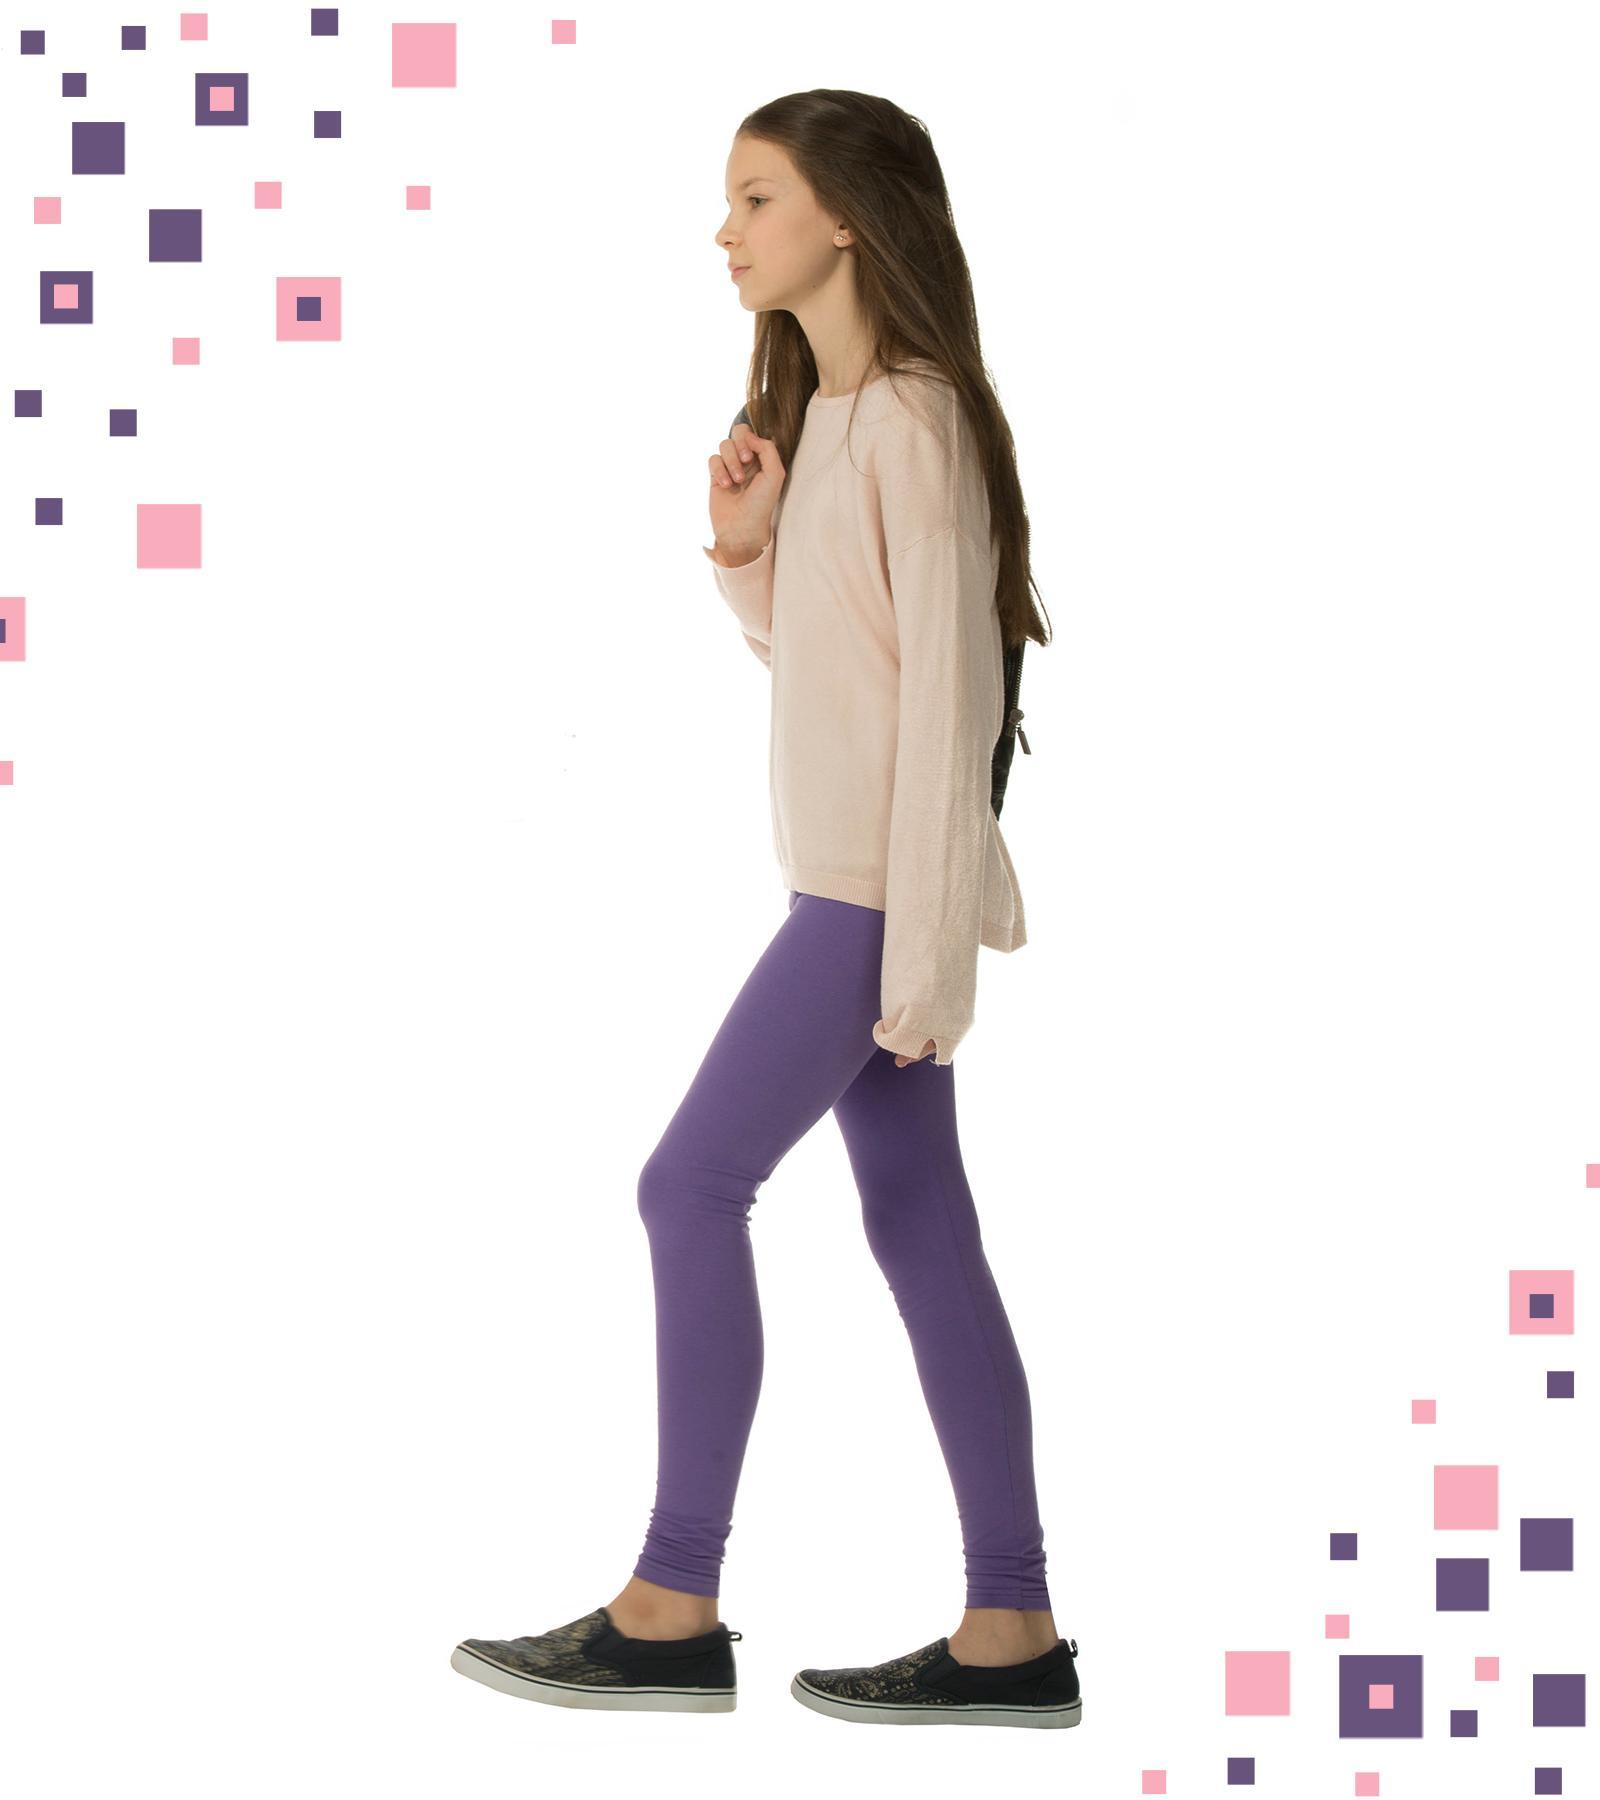 Fioletowe legginsy dziecięce Bensini ®